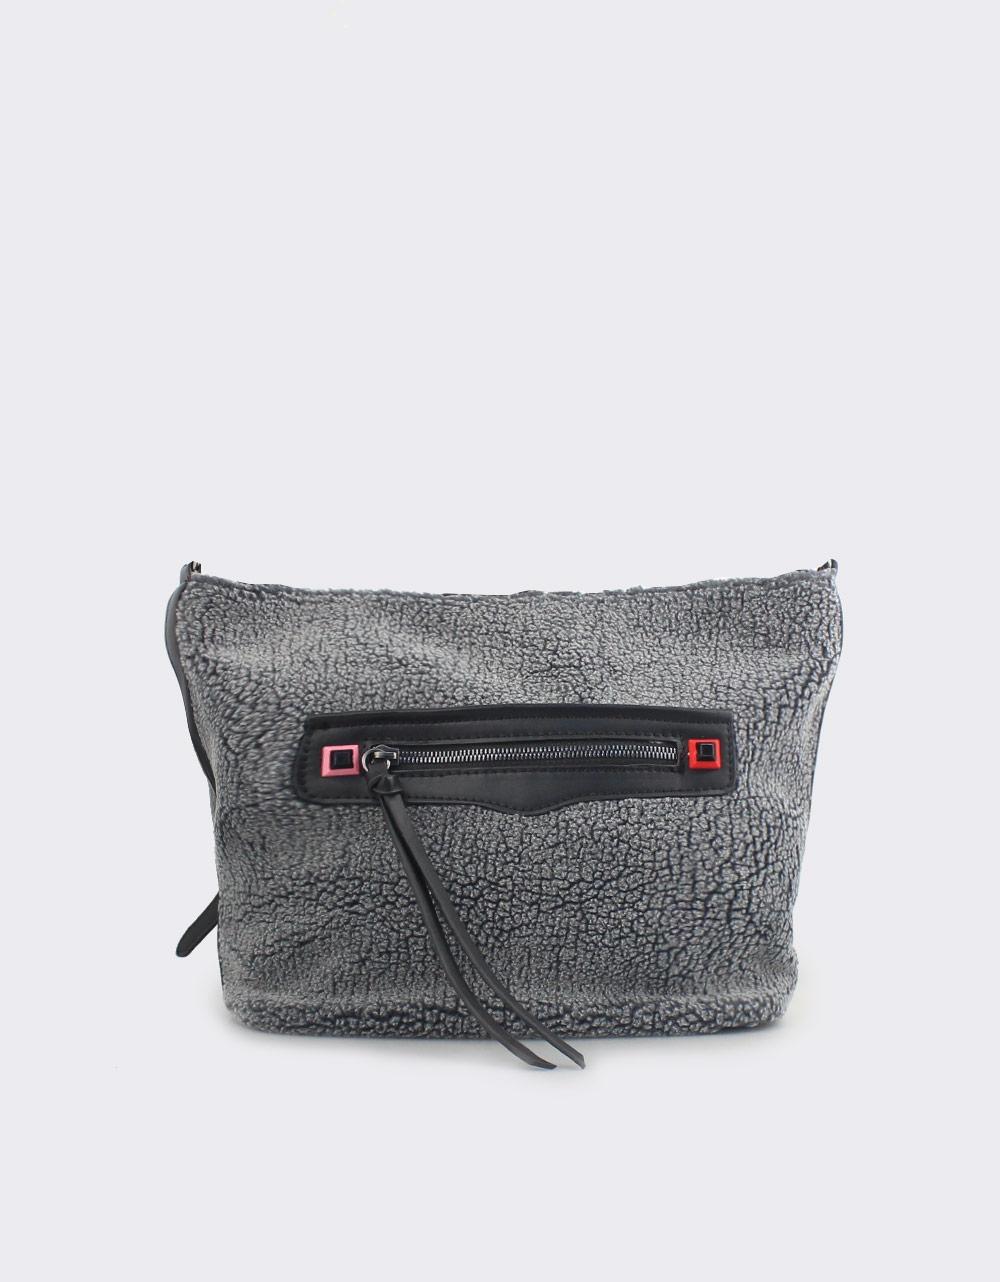 Εικόνα από Γυναικείες τσάντες ώμου με εξωτερική θήκη Γκρι